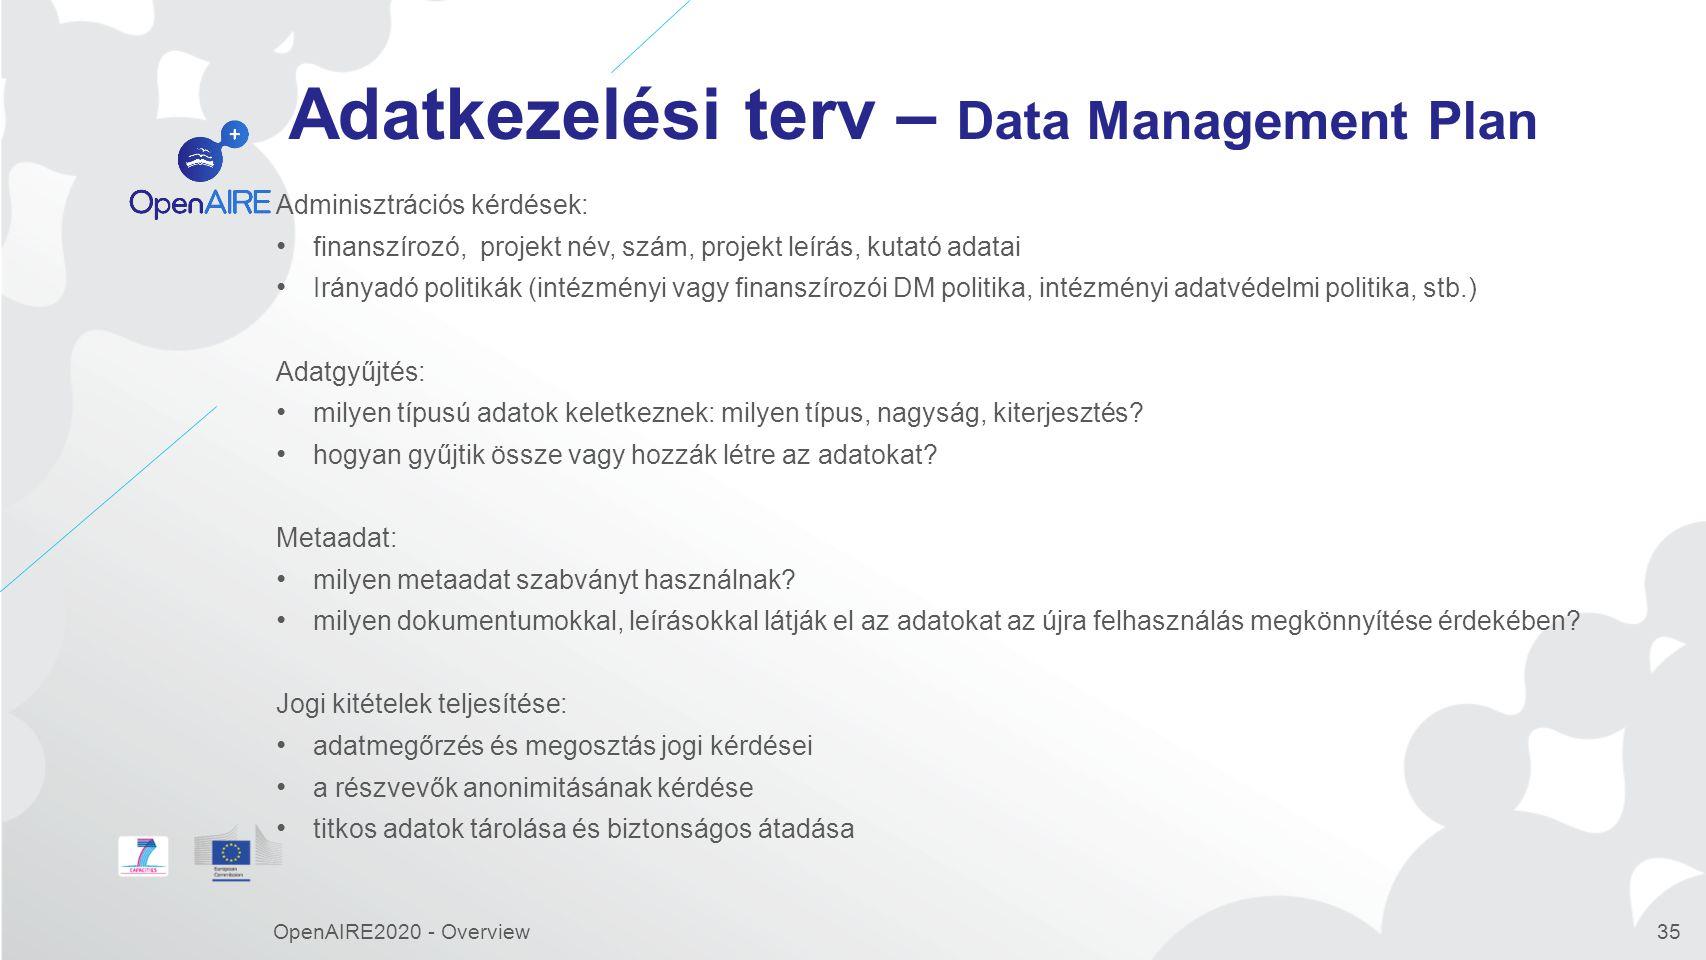 Adatkezelési terv – Data Management Plan Adminisztrációs kérdések: finanszírozó, projekt név, szám, projekt leírás, kutató adatai Irányadó politikák (intézményi vagy finanszírozói DM politika, intézményi adatvédelmi politika, stb.) Adatgyűjtés: milyen típusú adatok keletkeznek: milyen típus, nagyság, kiterjesztés.